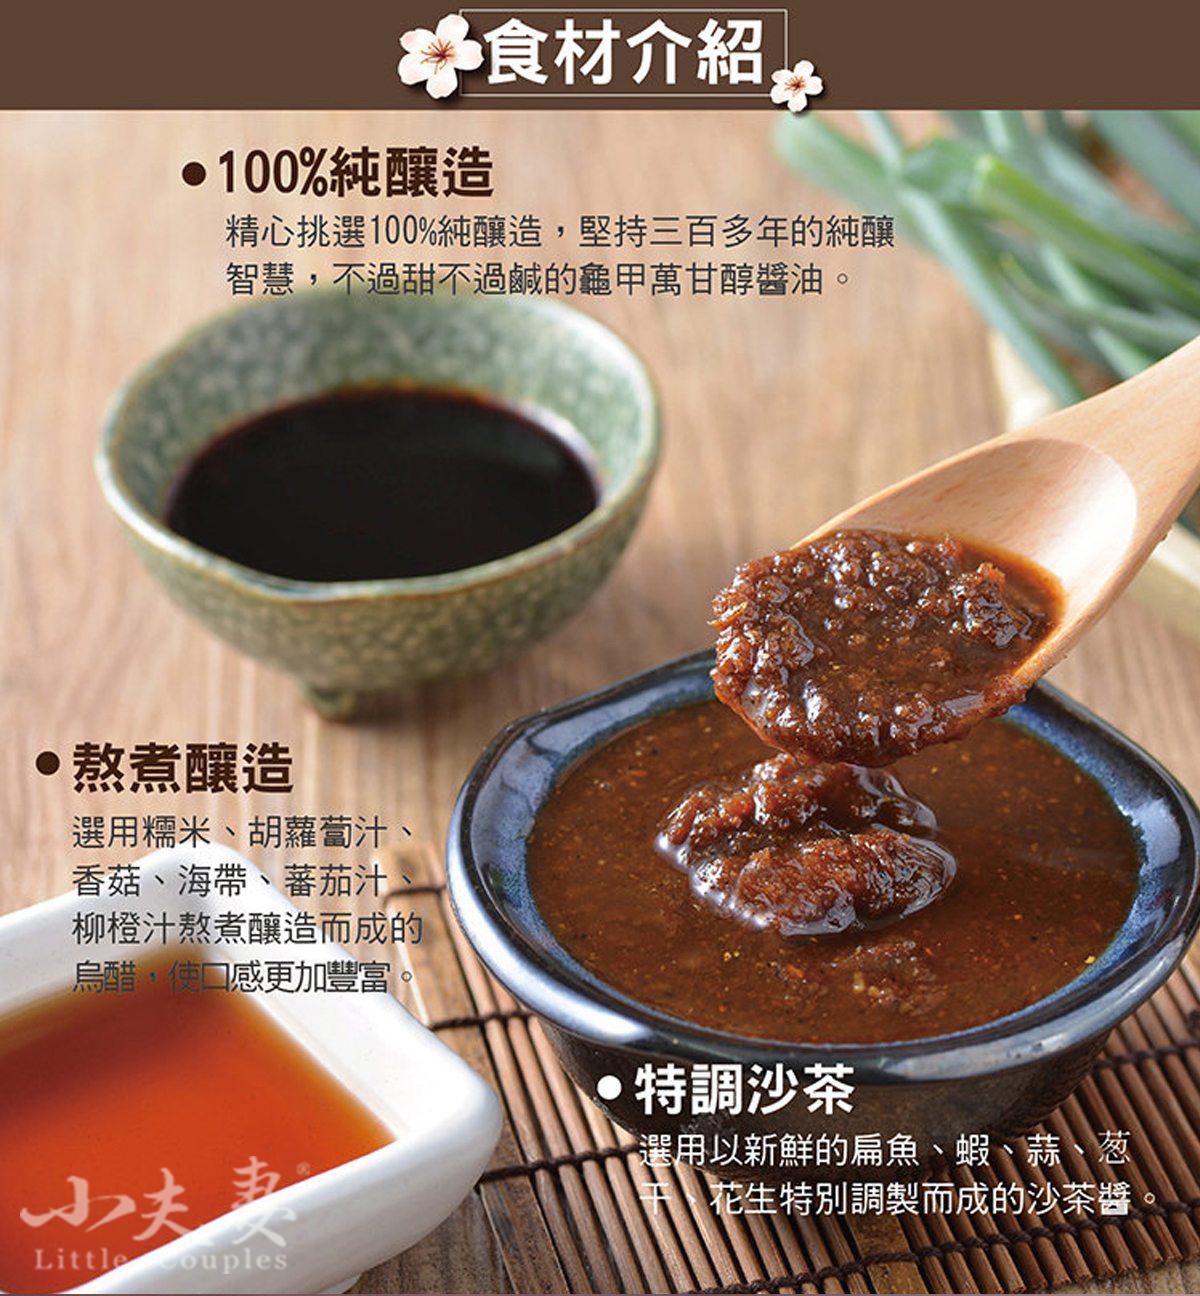 小夫妻拌麵-厚沙茶乾拌麵食材介紹